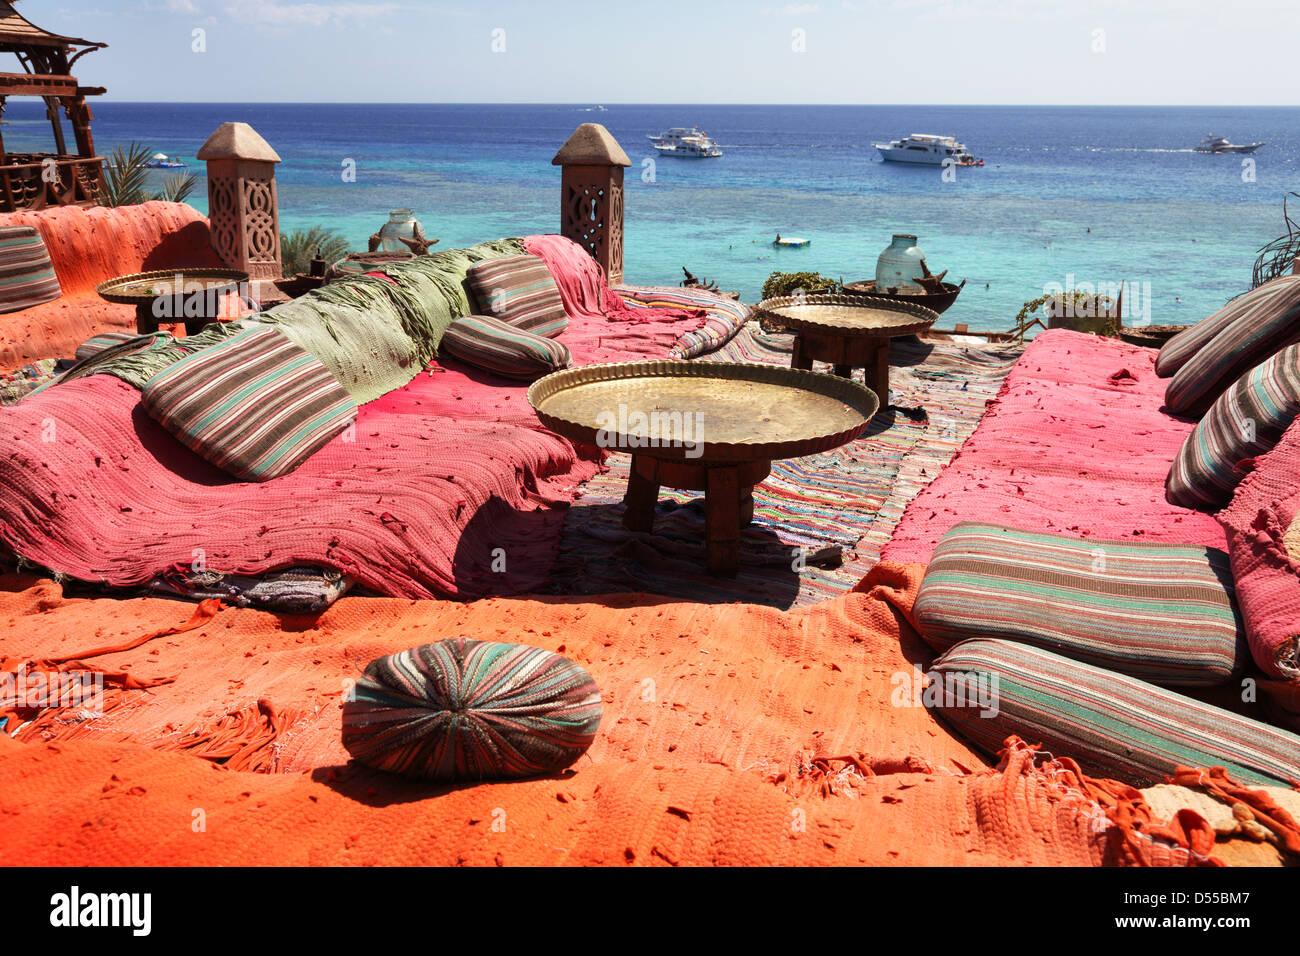 Salón y zona de relax en el mar rojo, en Sharm el Sheikh. Imagen De Stock